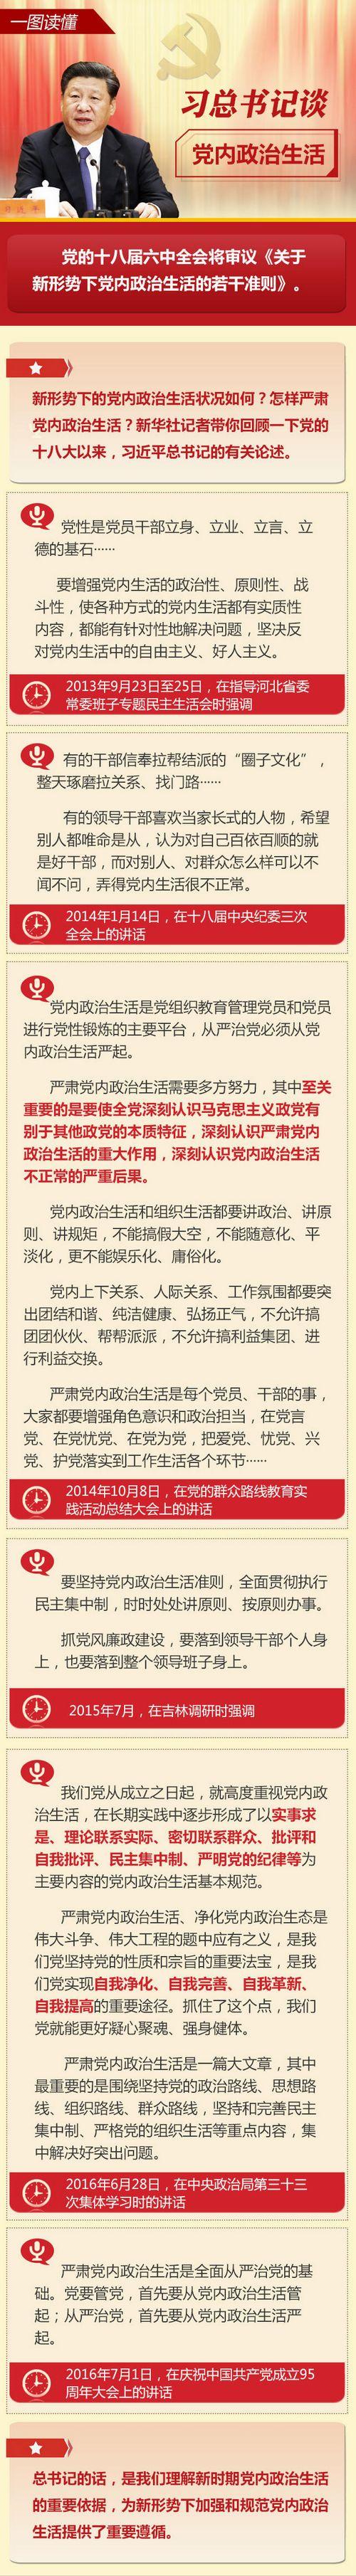 """党的十八大以来习总书记""""话""""党内政治生活.jpg"""